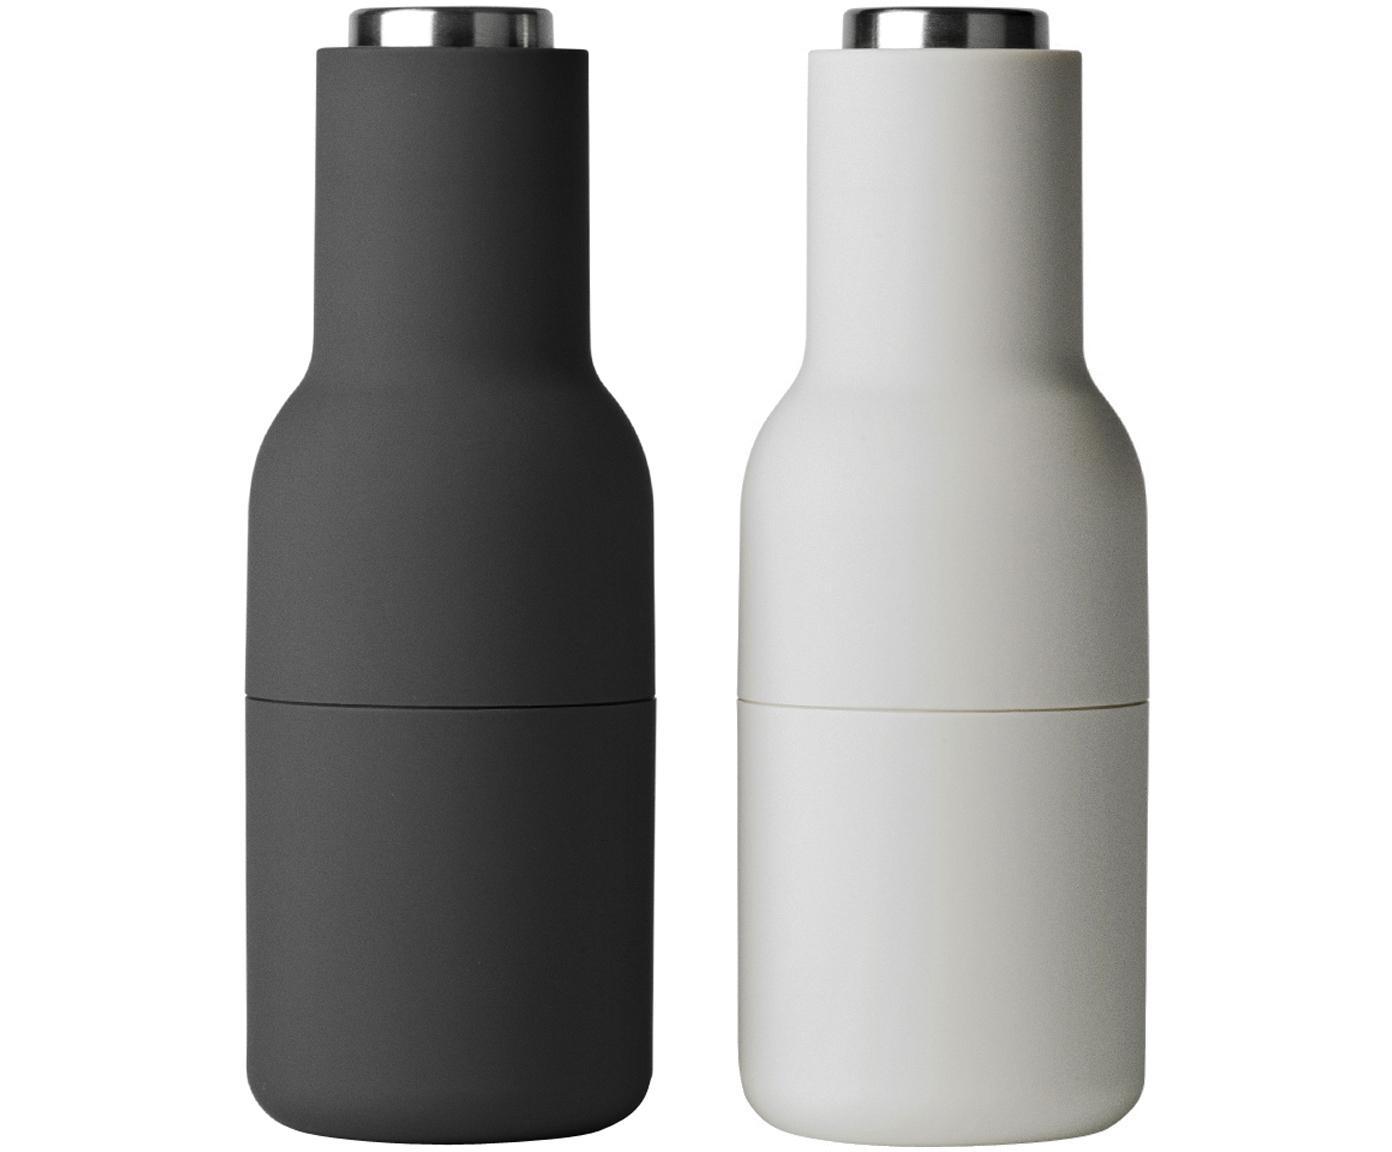 Set macinaspezie Bottle Grinder, 2 pz., Coperchio: acciaio inossidabile, Antracite, grigio chiaro, Ø 8 x Alt. 21 cm